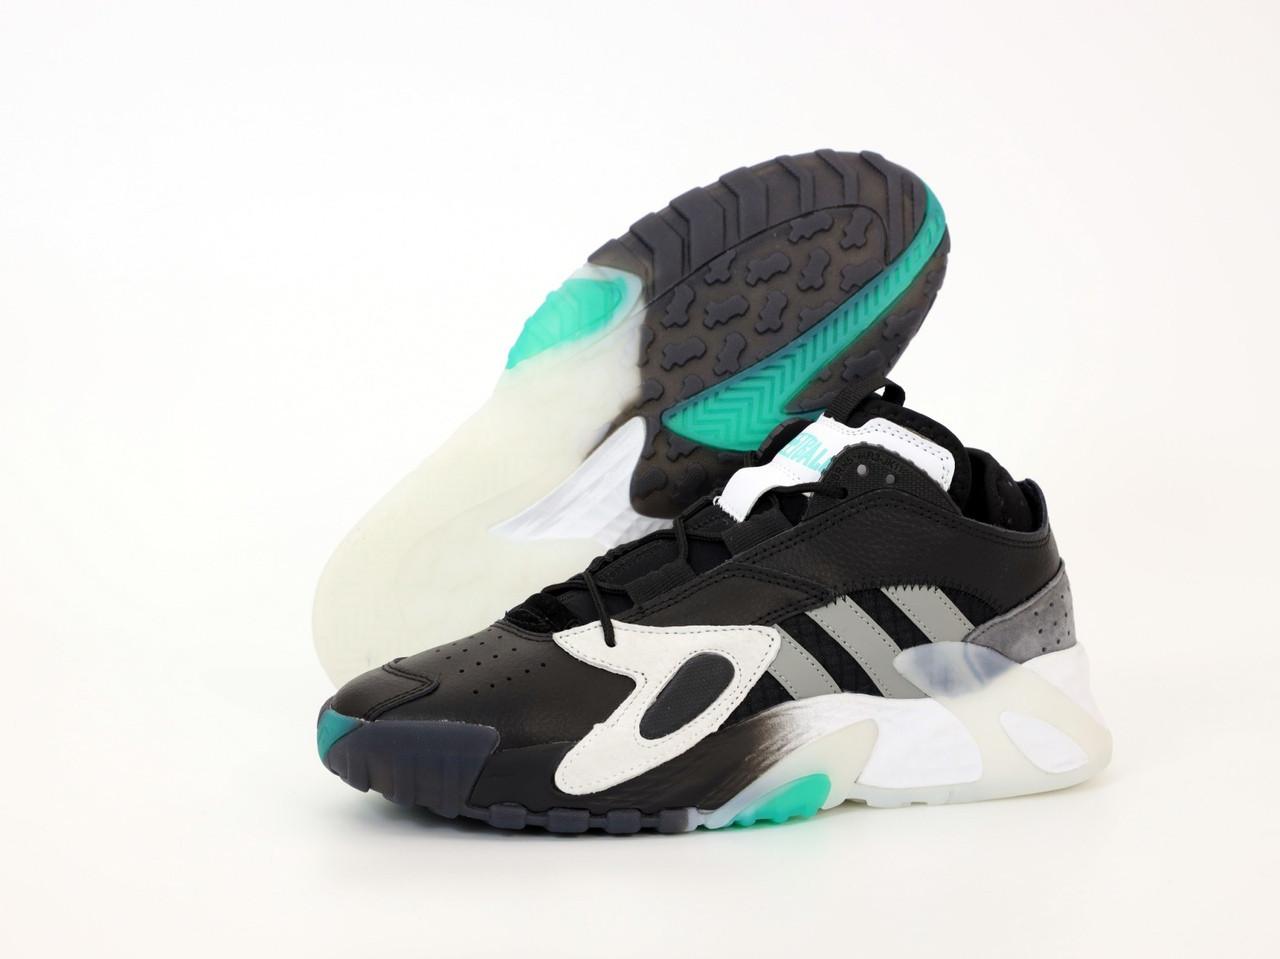 Мужские кроссовки Adidas StreetBall, кроссовки адидас стритбол